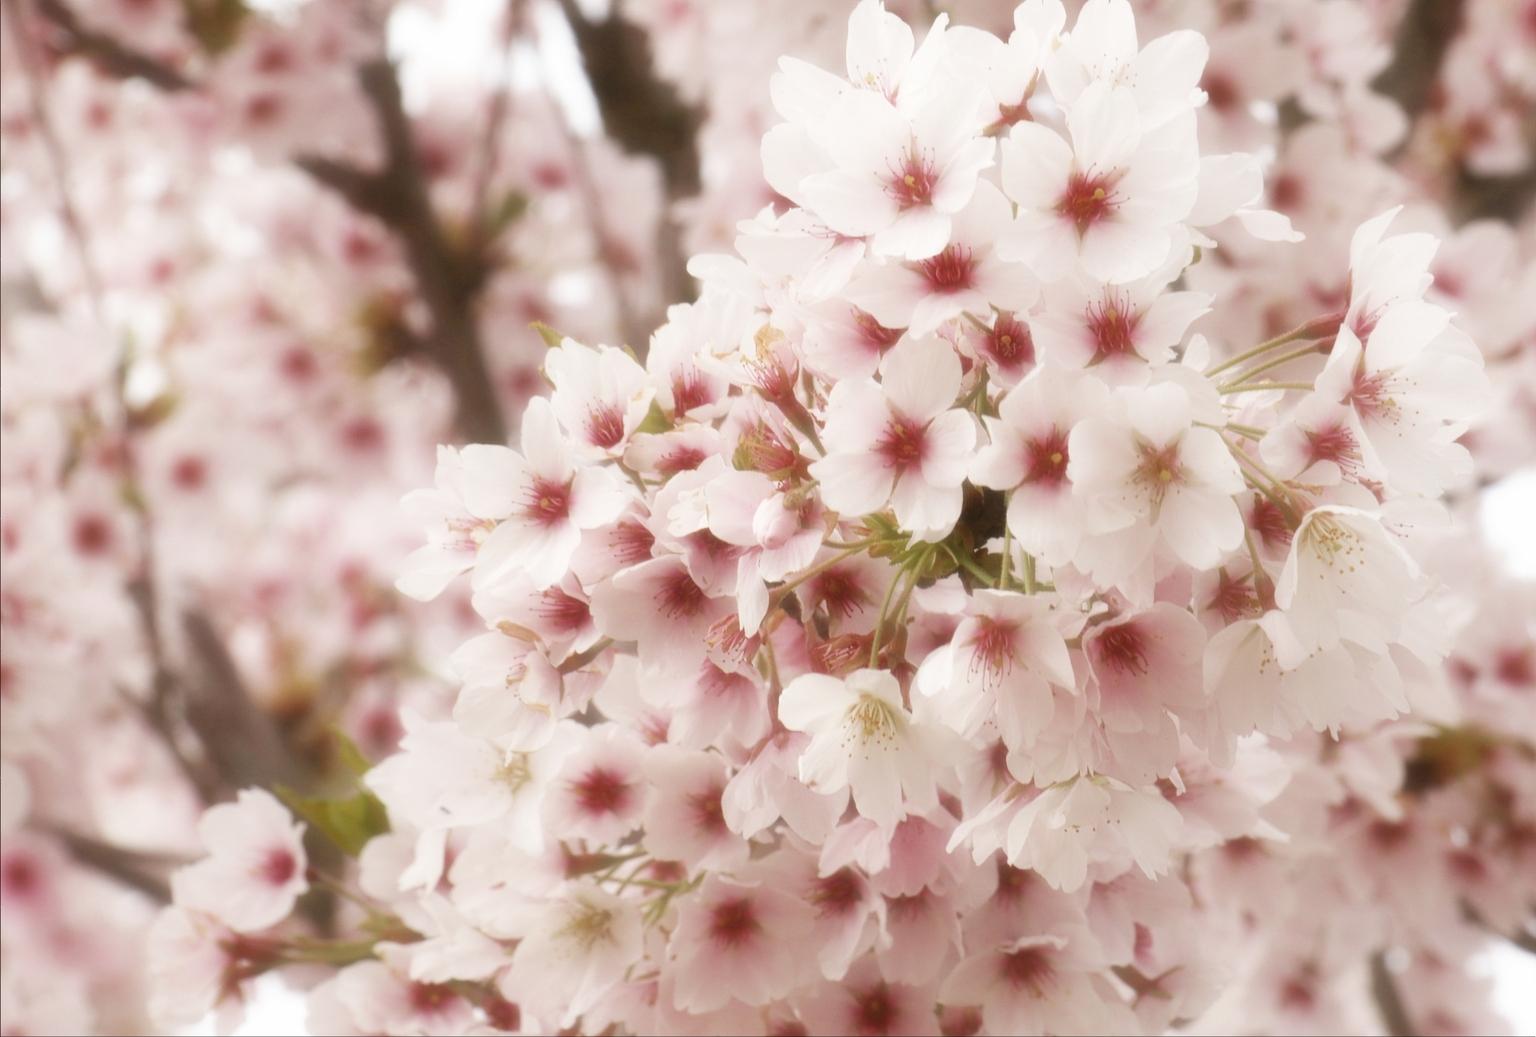 bloesem - - - foto door onne1954 op 12-04-2021 - deze foto bevat: bloesem, voorjaar, lente, rose, boom, bloem, fabriek, bloemblaadje, roze, takje, terrestrische plant, bloeiende plant, onderstruik, bloesem, bodembedekker